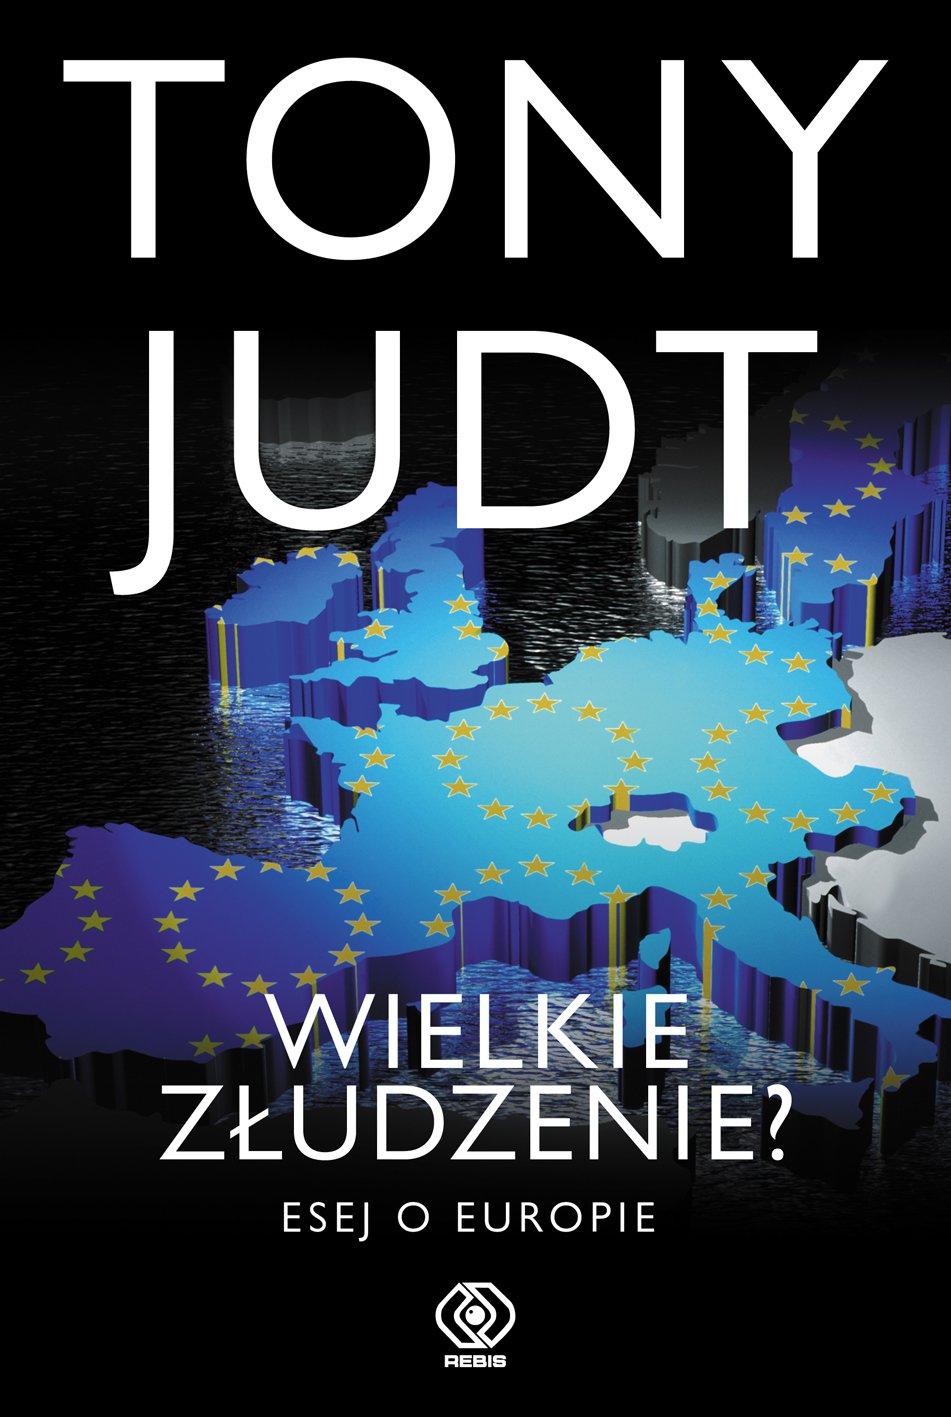 Wielkie złudzenie? Esej o Europie - Ebook (Książka EPUB) do pobrania w formacie EPUB